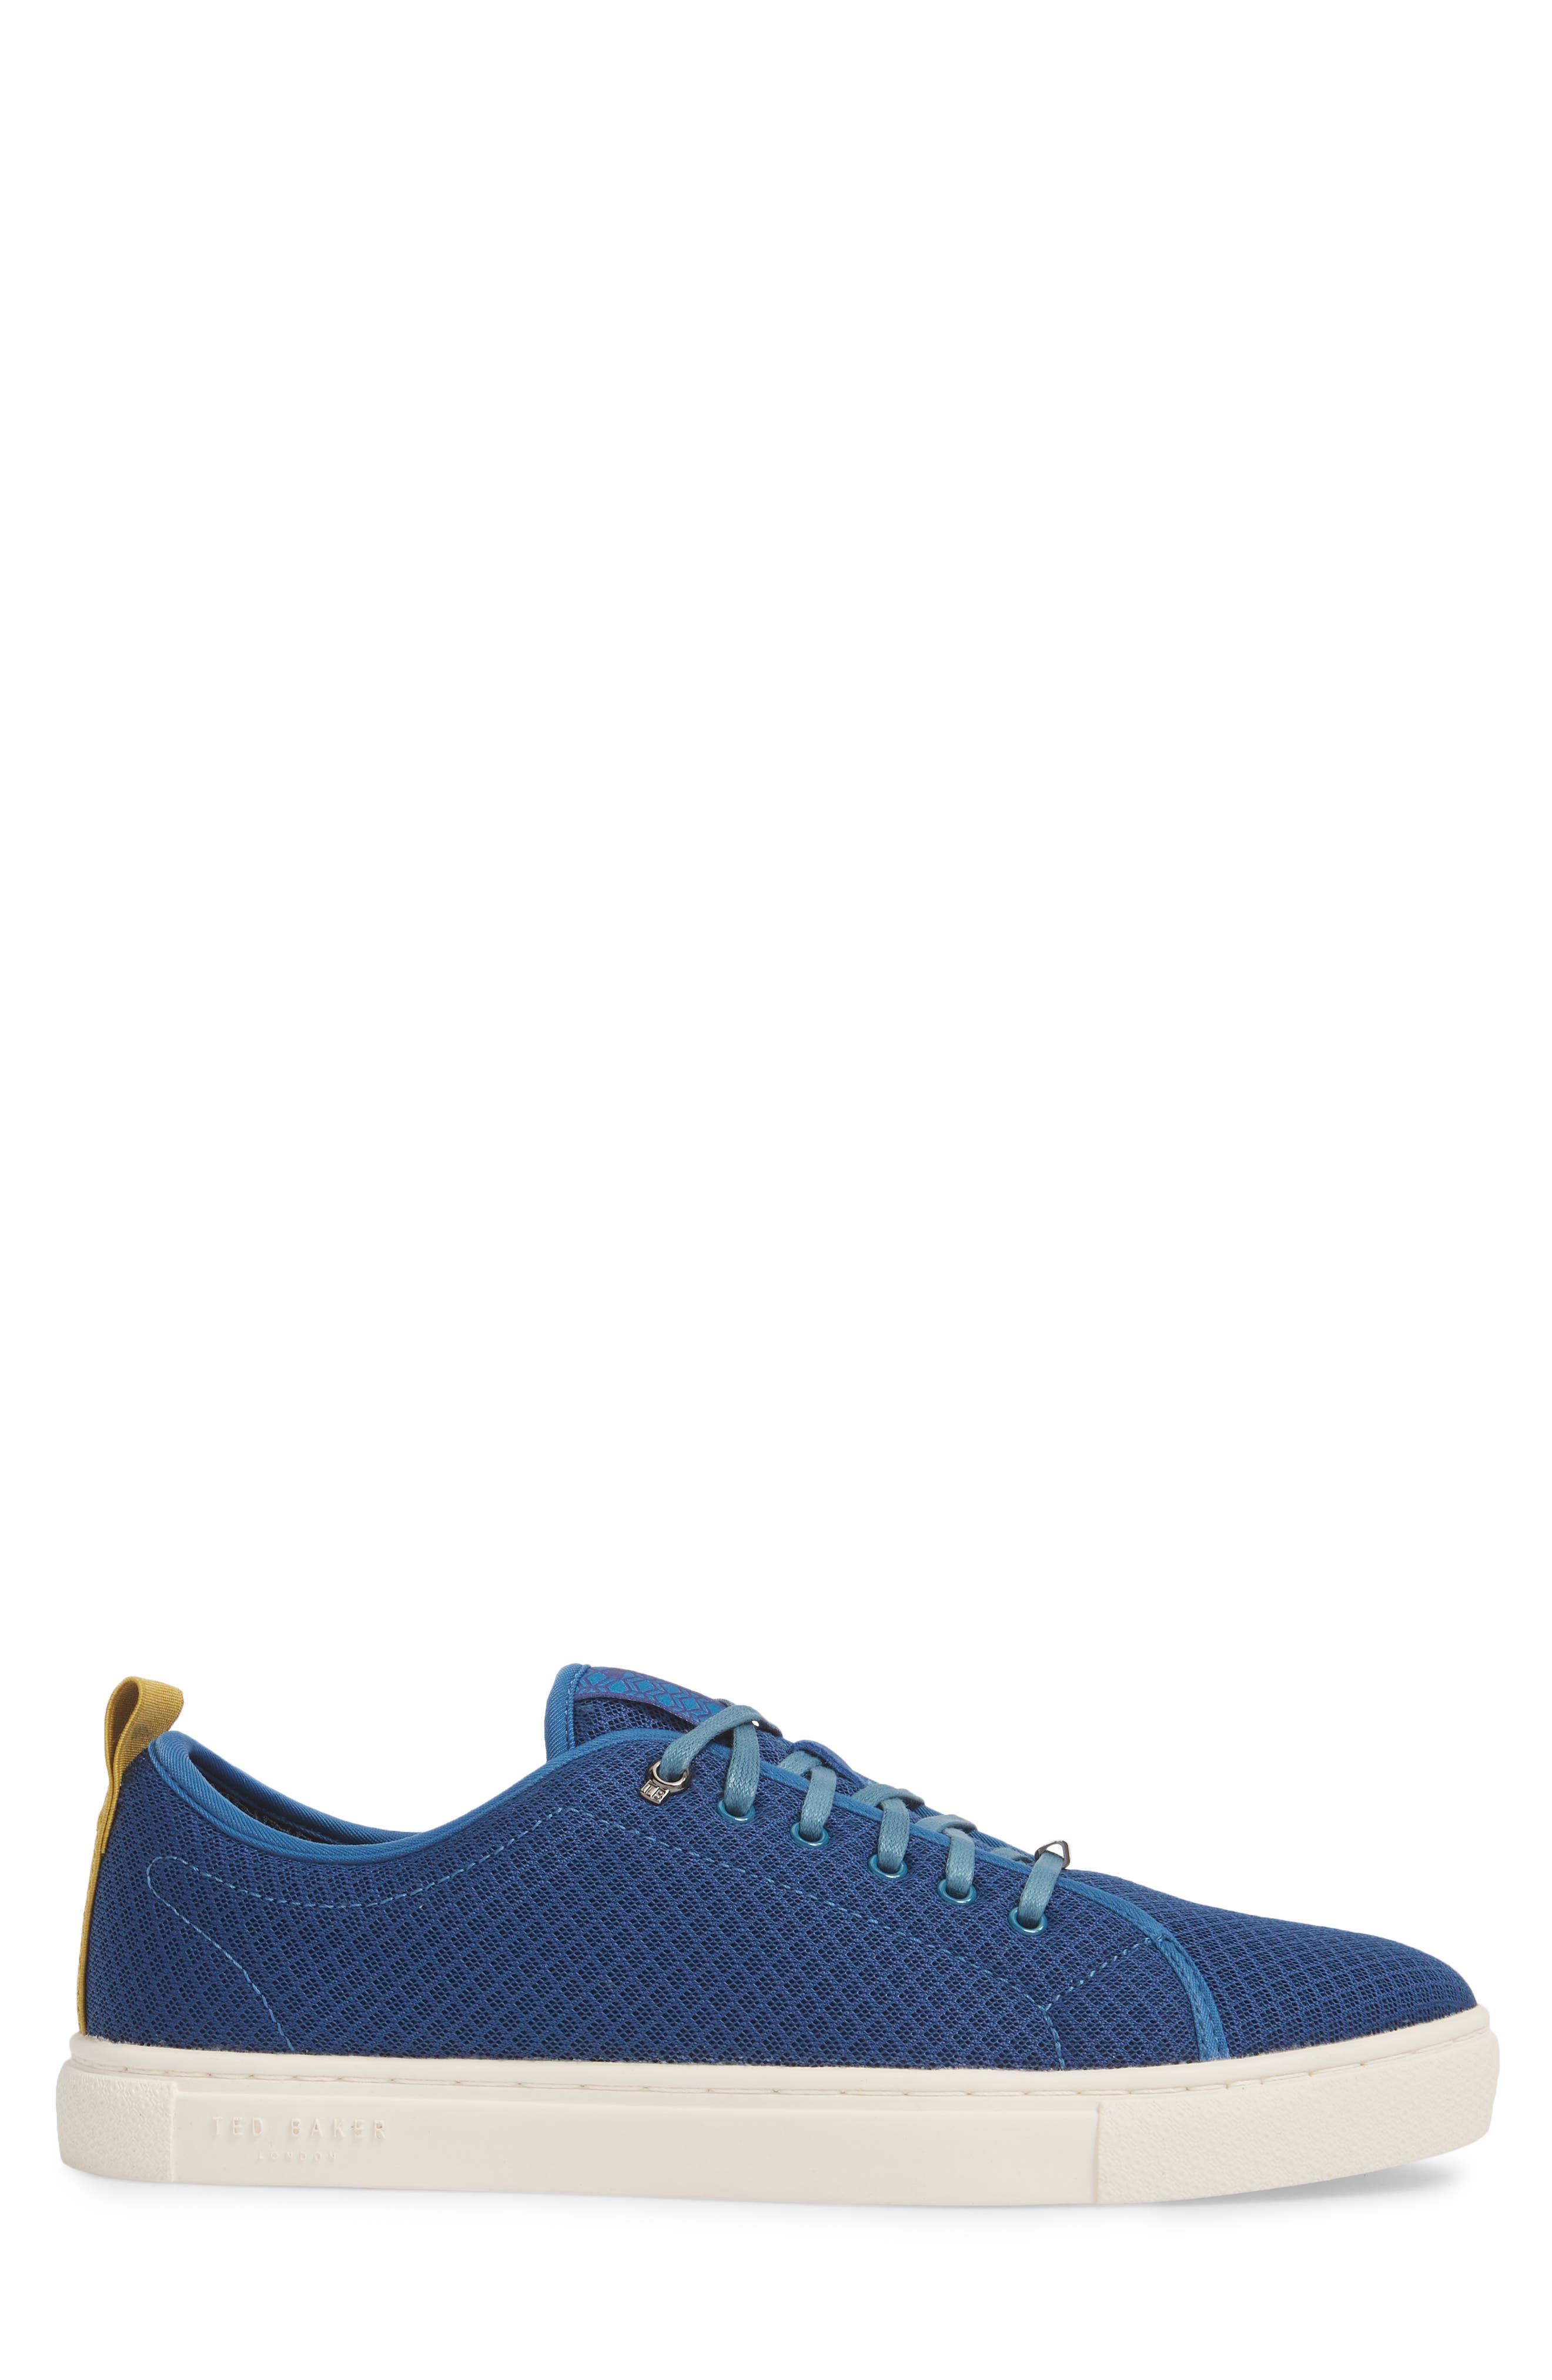 Lannse Low Top Mesh Sneaker,                             Alternate thumbnail 3, color,                             Blue Textile